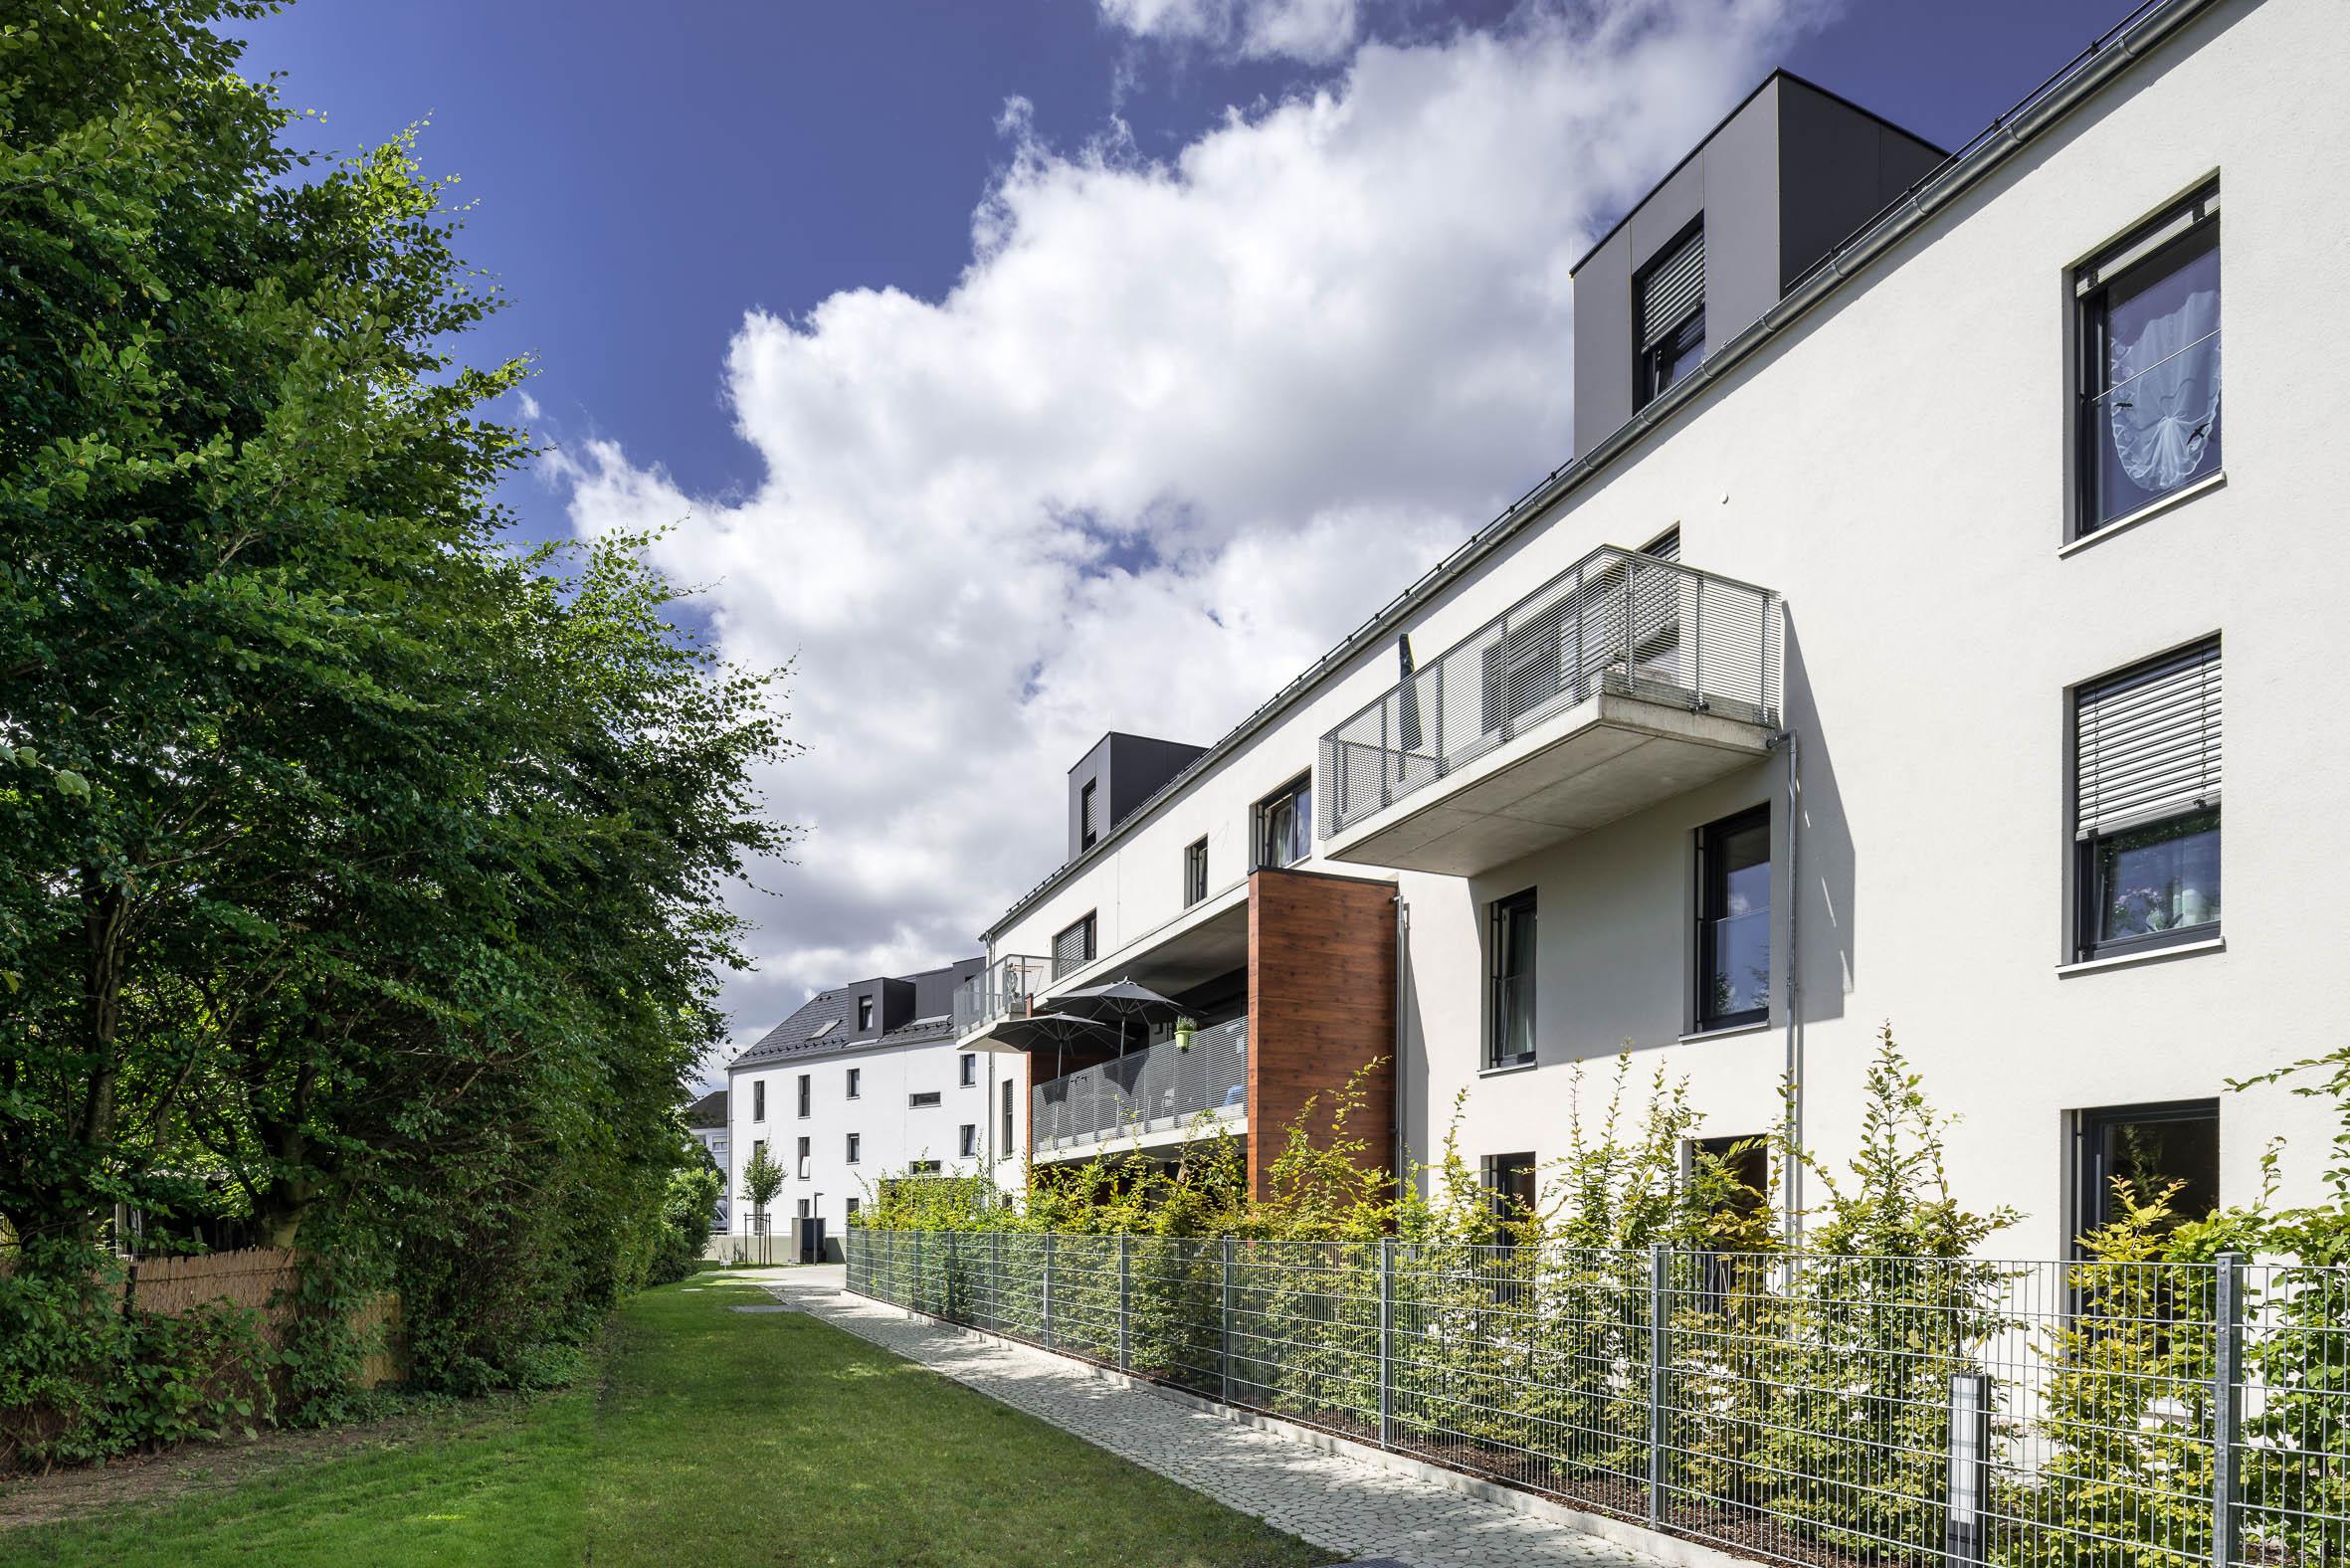 bellenberg-wohnanlage-neue-ortsmitte-low-6709